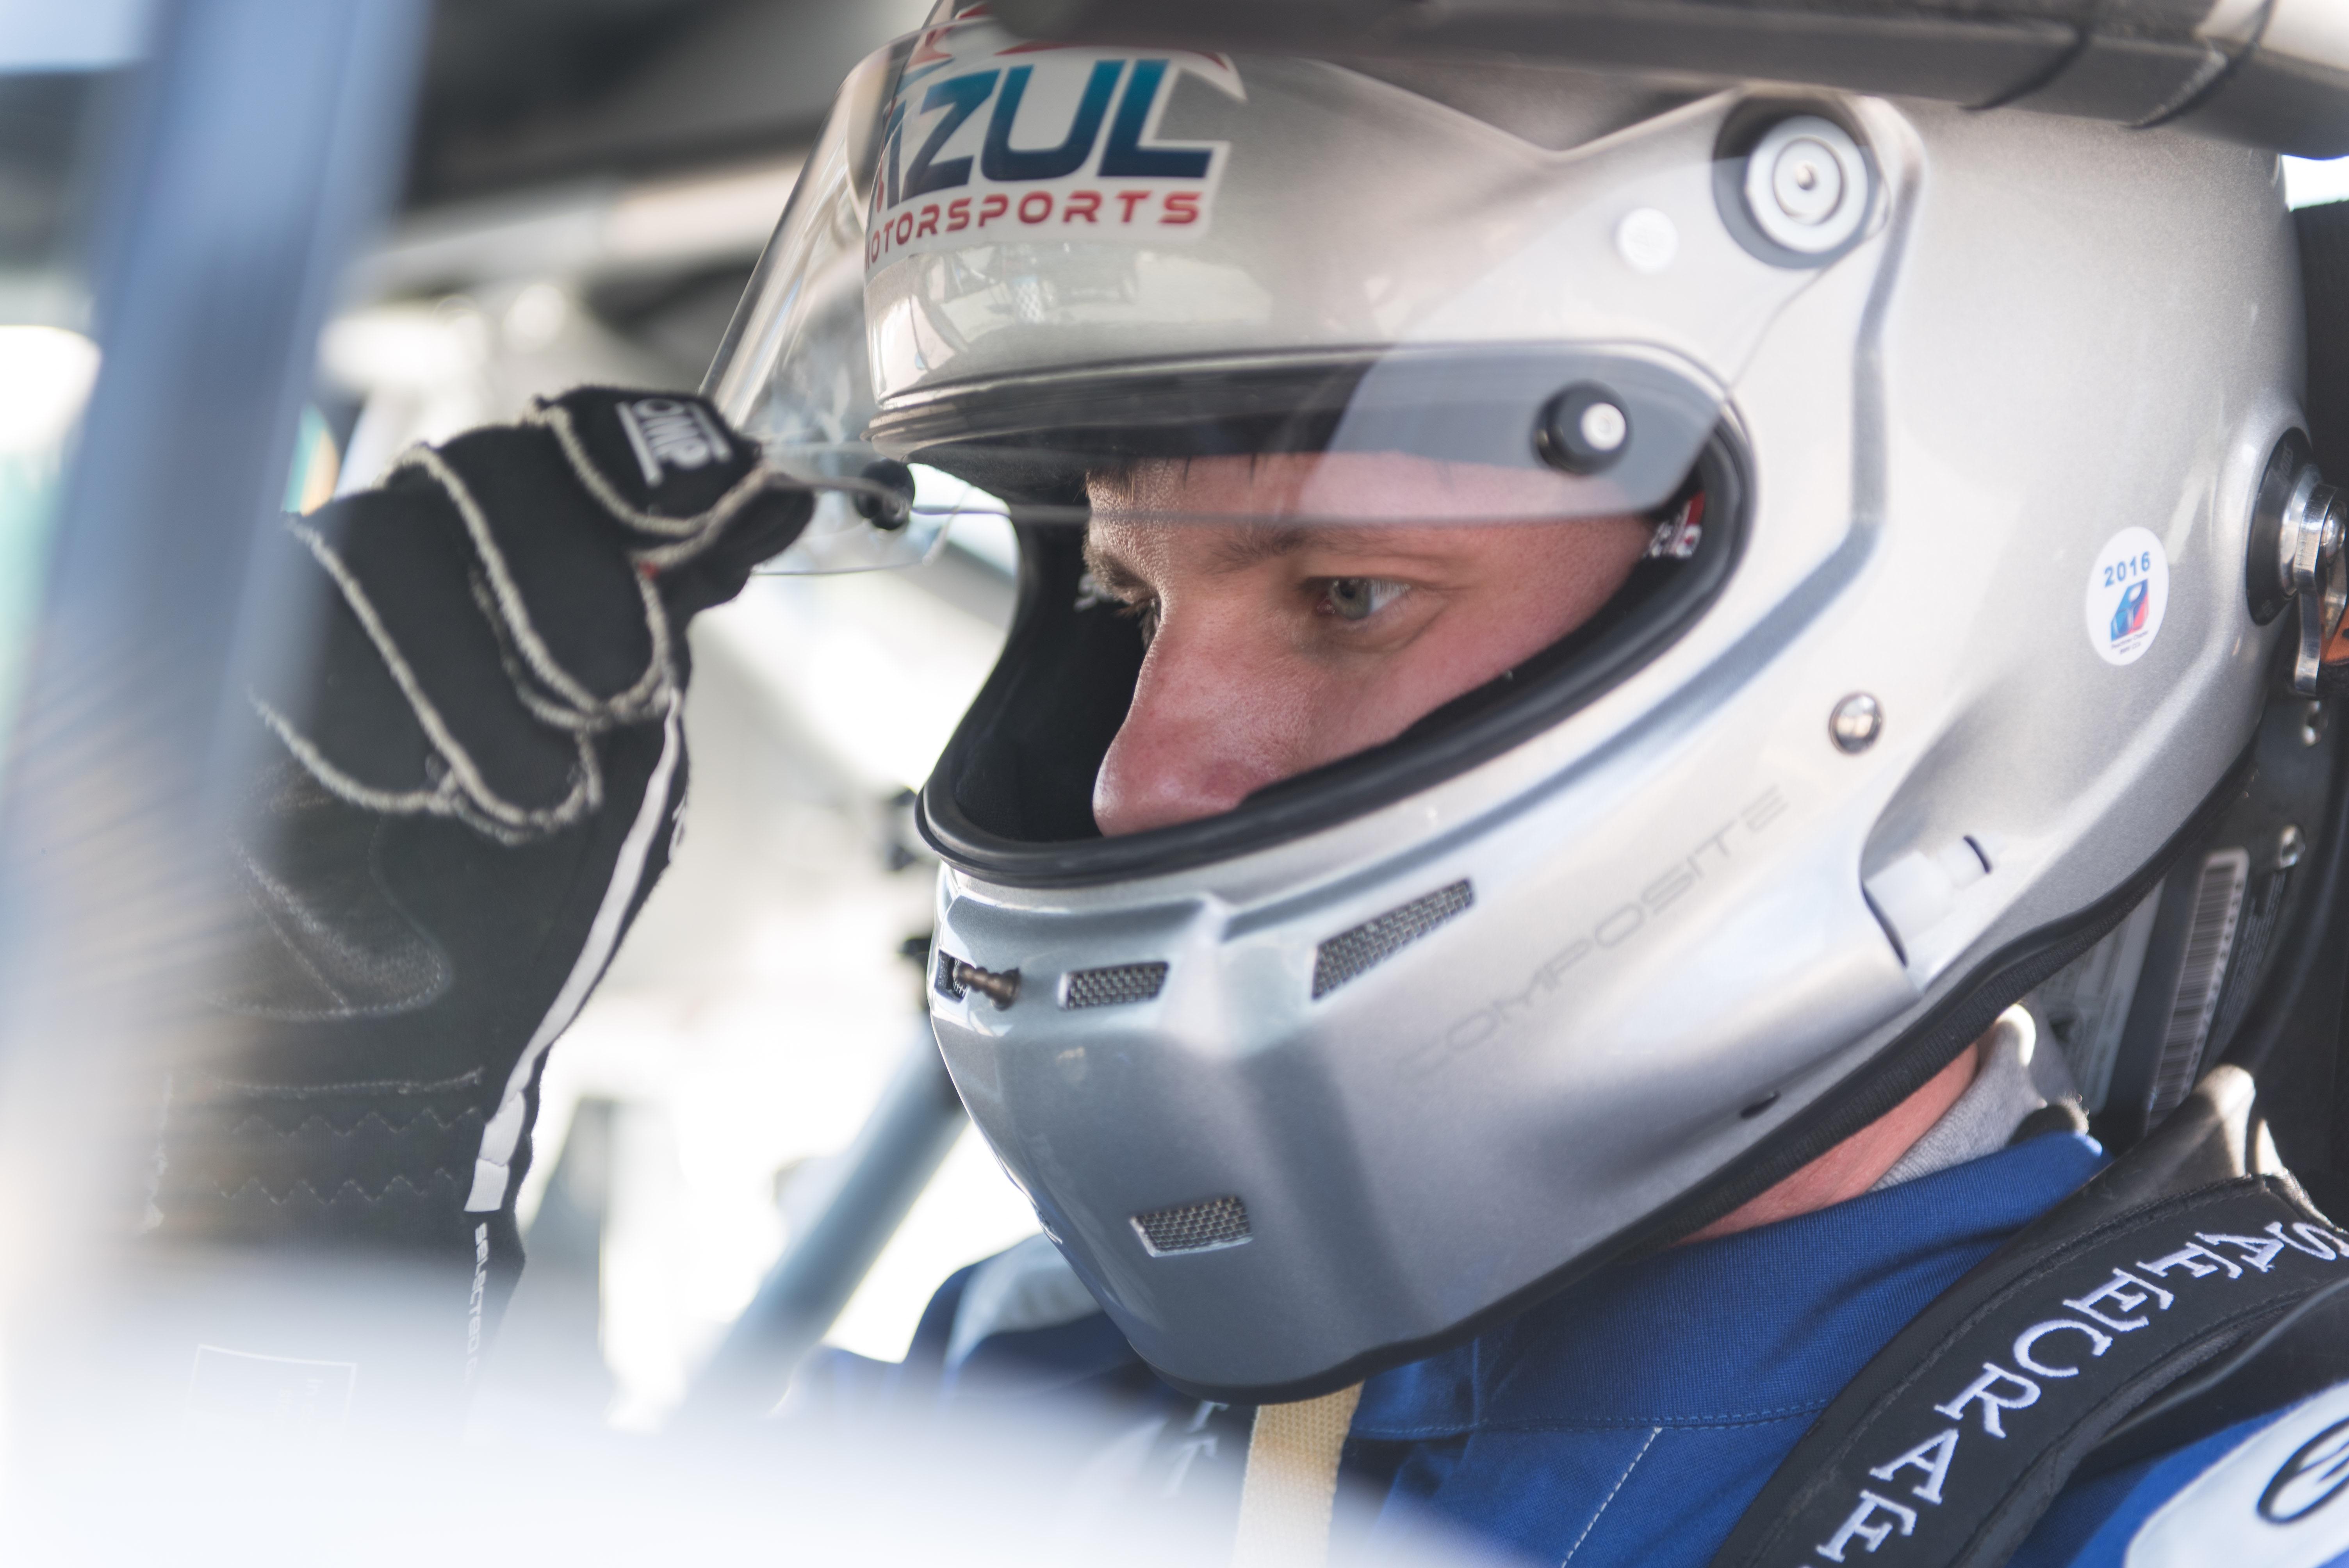 Chris Grigalunas of AzulMotorsports.com